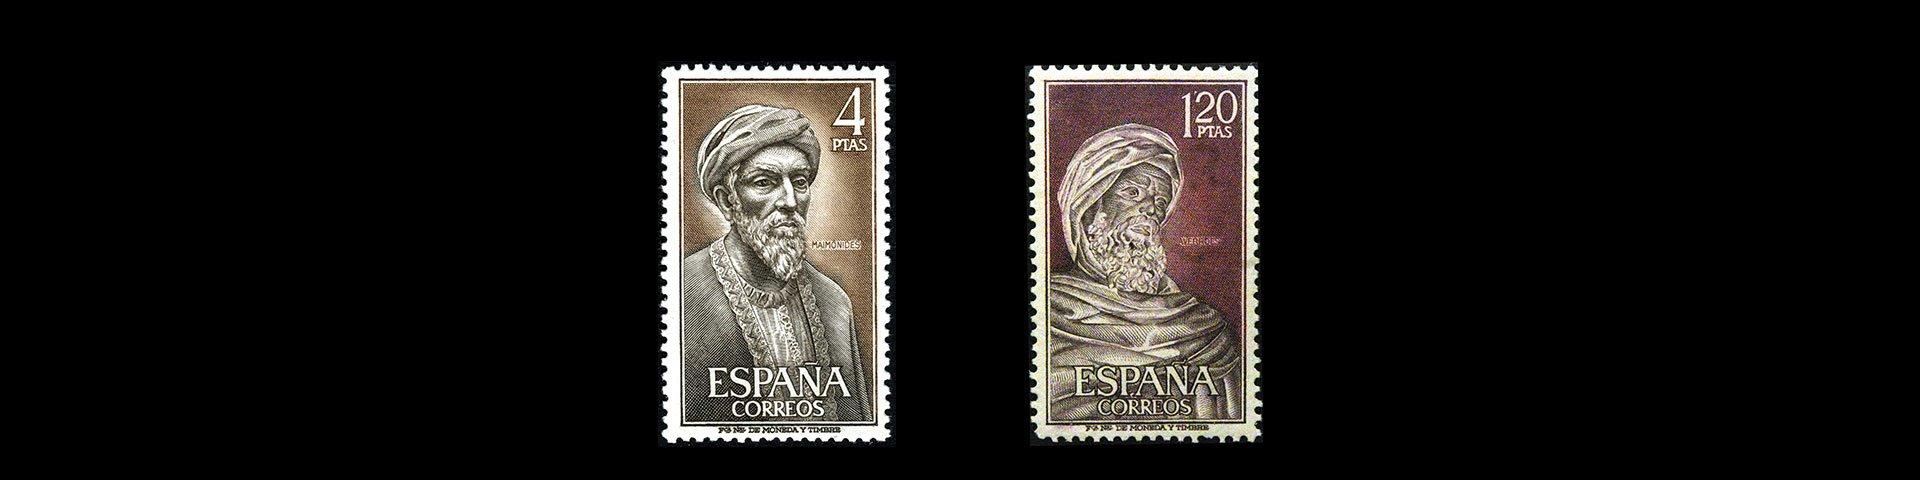 Averroes, el filósofo andalusí que abrió nuevos caminos en el pensamiento medieval